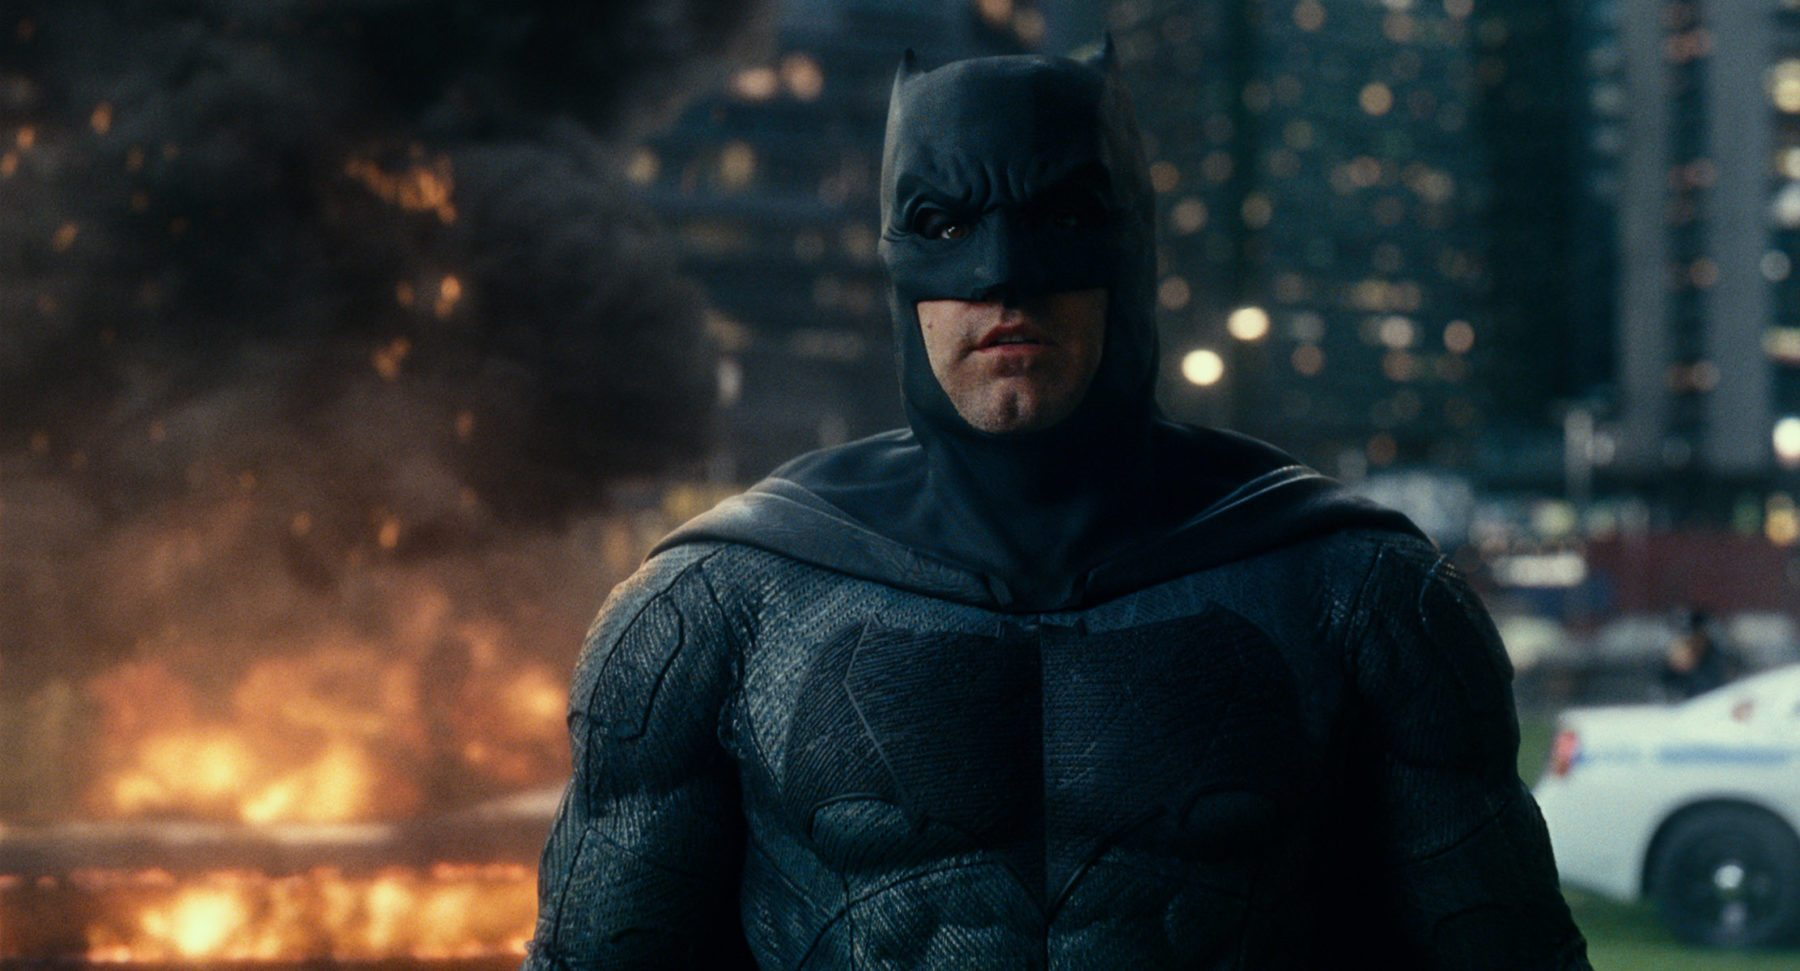 Ben Affleck explica las Cajas Madre y cómo influyen en la Liga de la Justicia